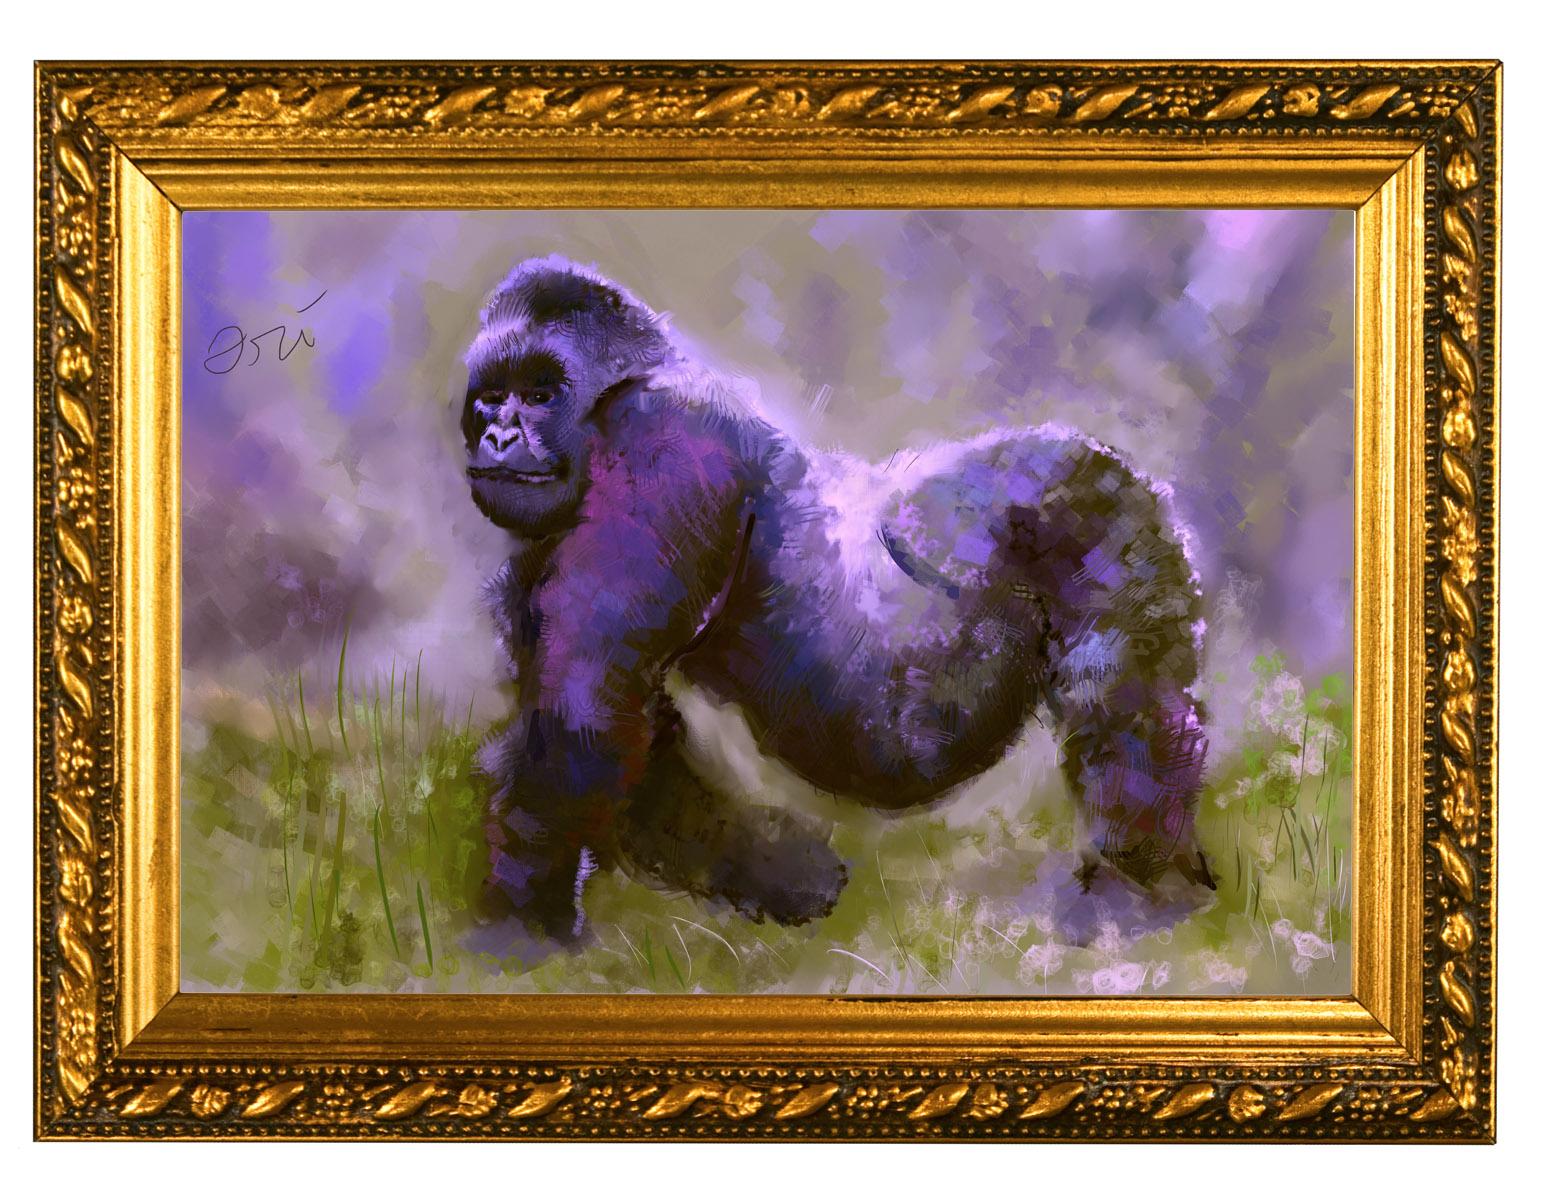 Harambe The Gorilla painting by Ori Bengal